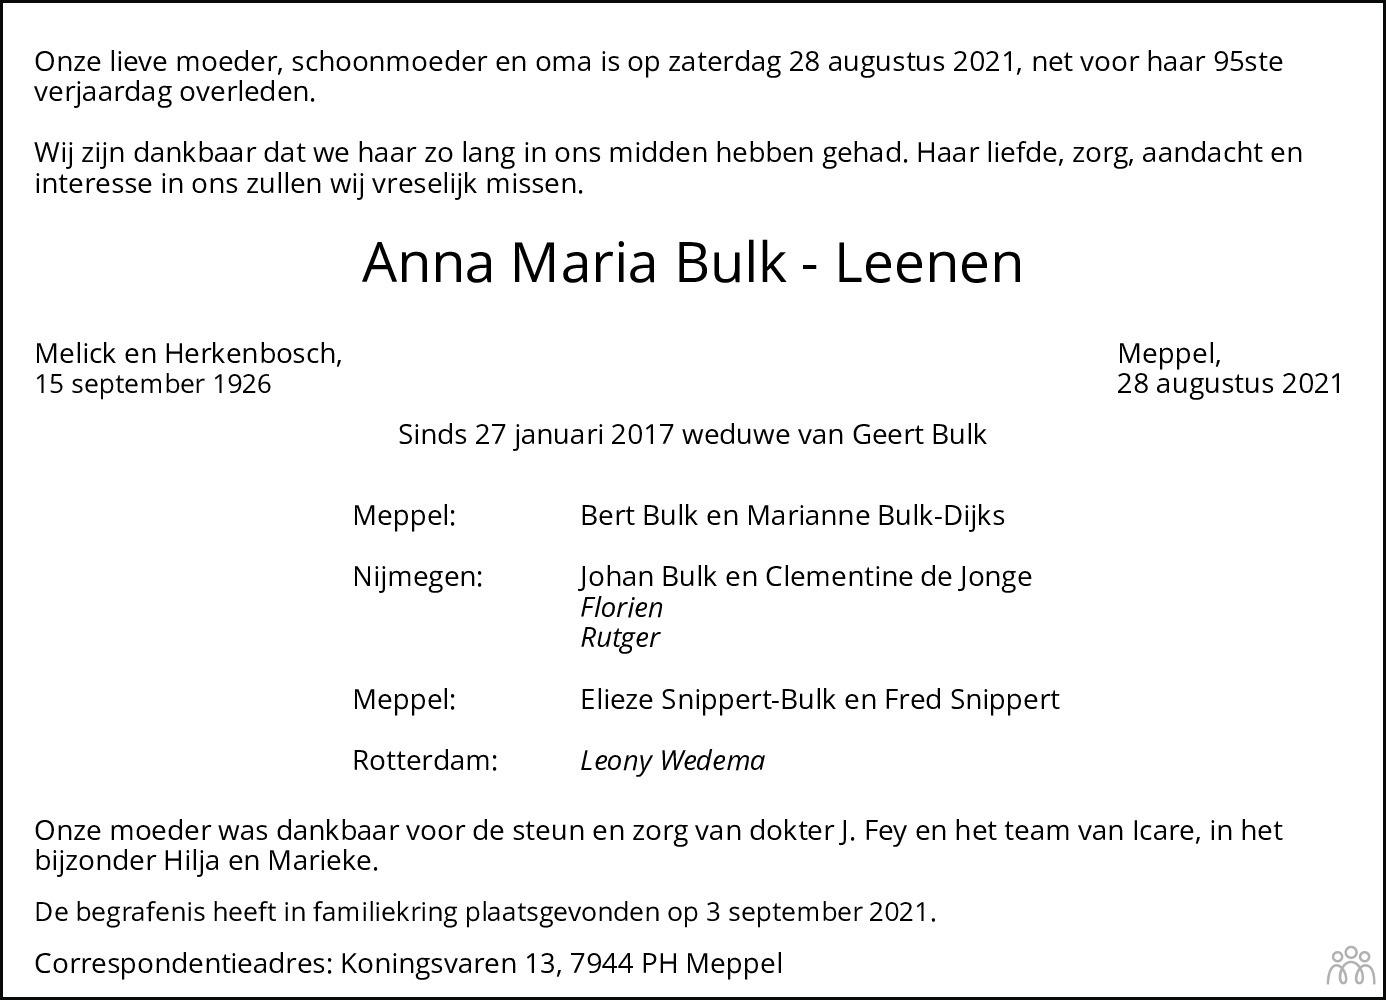 Overlijdensbericht van Anna Maria Bulk-Leenen in Meppeler Courant